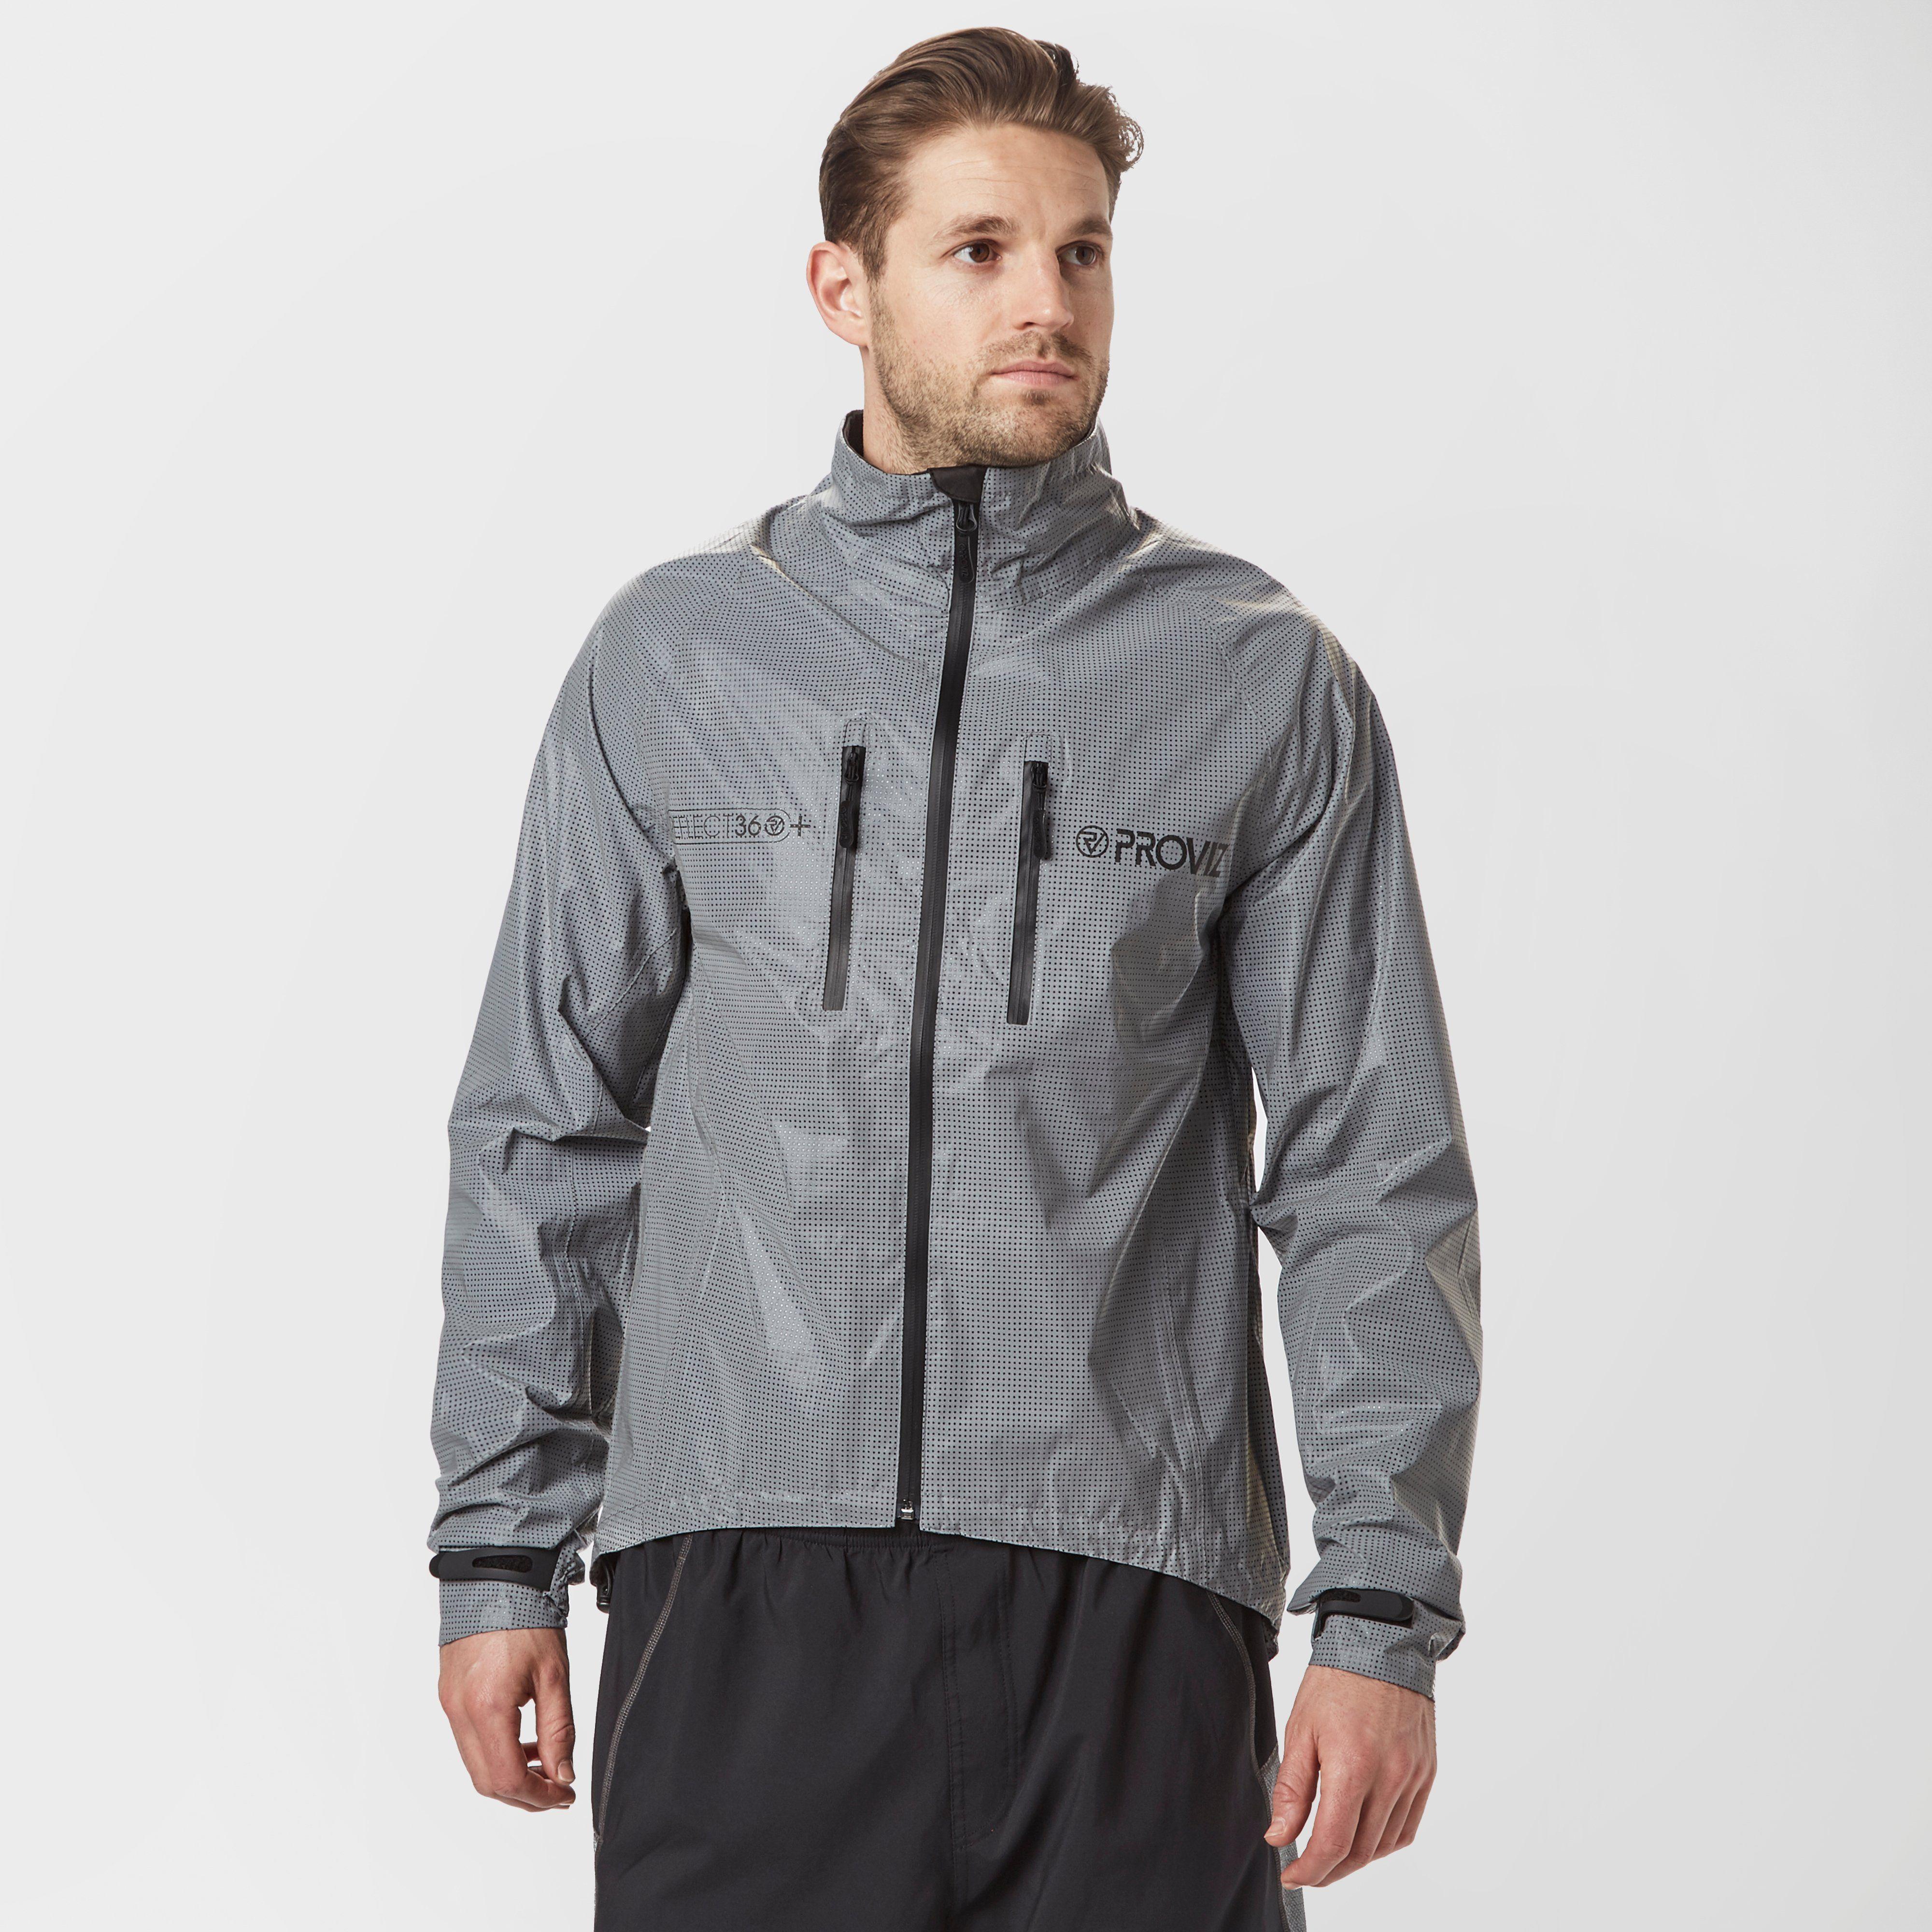 PROVIZ Reflect 360 CRS+ Jacket